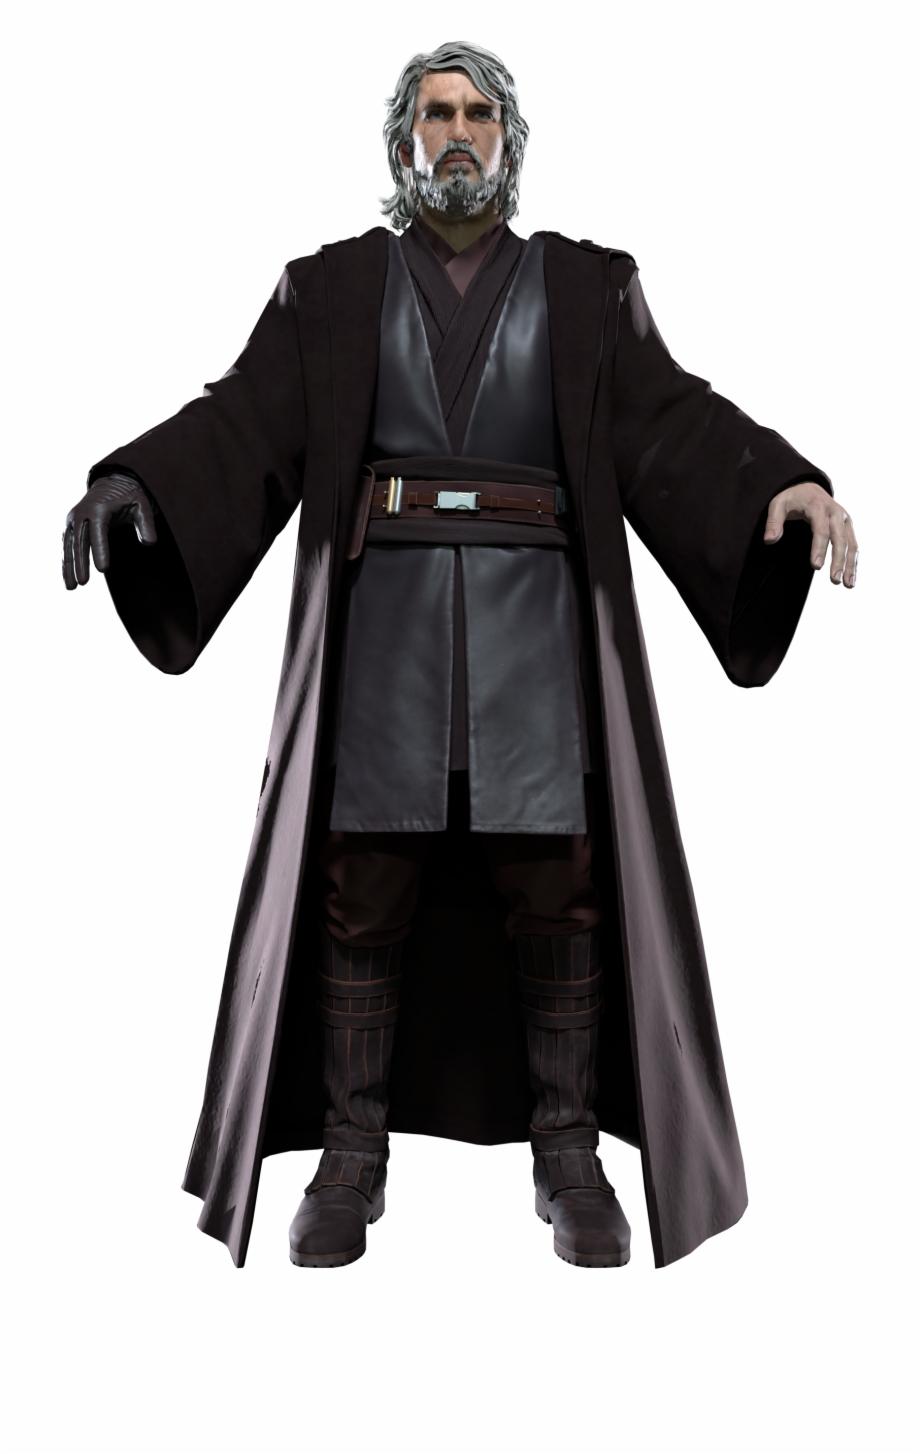 Old Jedi Master Anakin Skywalker.